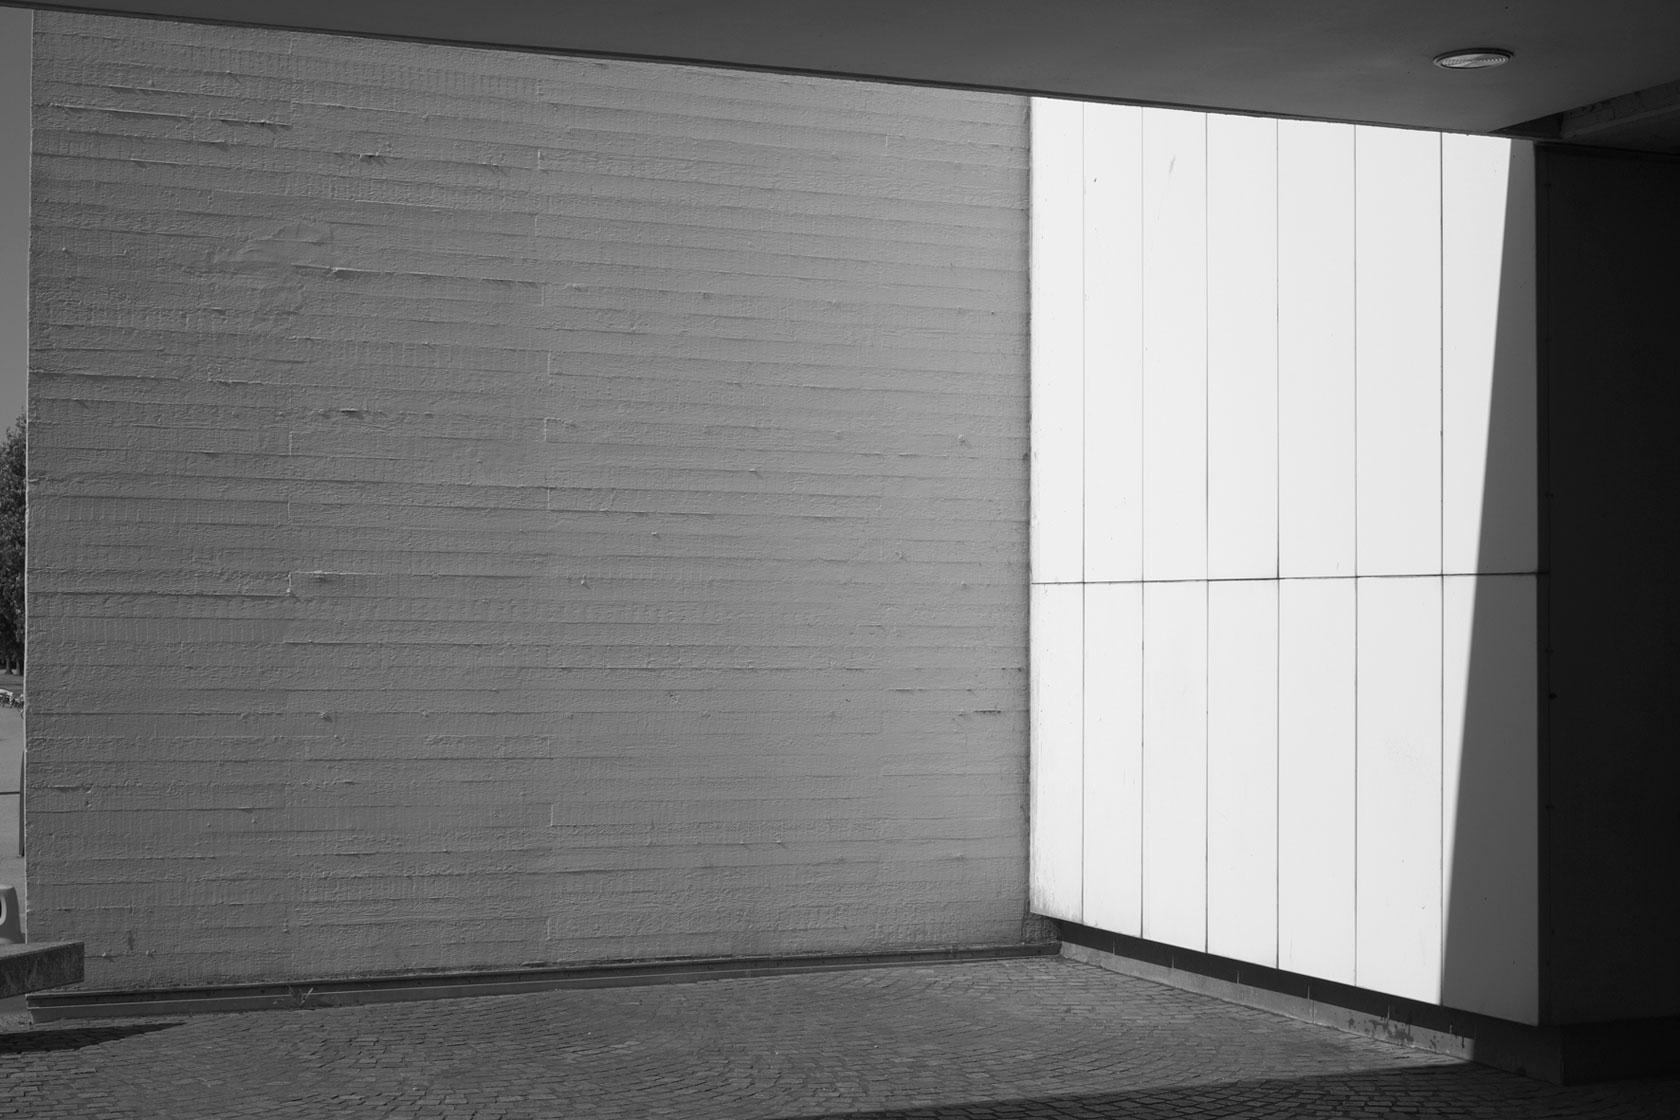 Tomek Mzyks Ausstellung »Archideologie« stellt zwei in den letzten Monaten entstandene Fotoserien über Aspekte der Ideologie-geprägten Architektur der 60er und 70er Jahre vor.